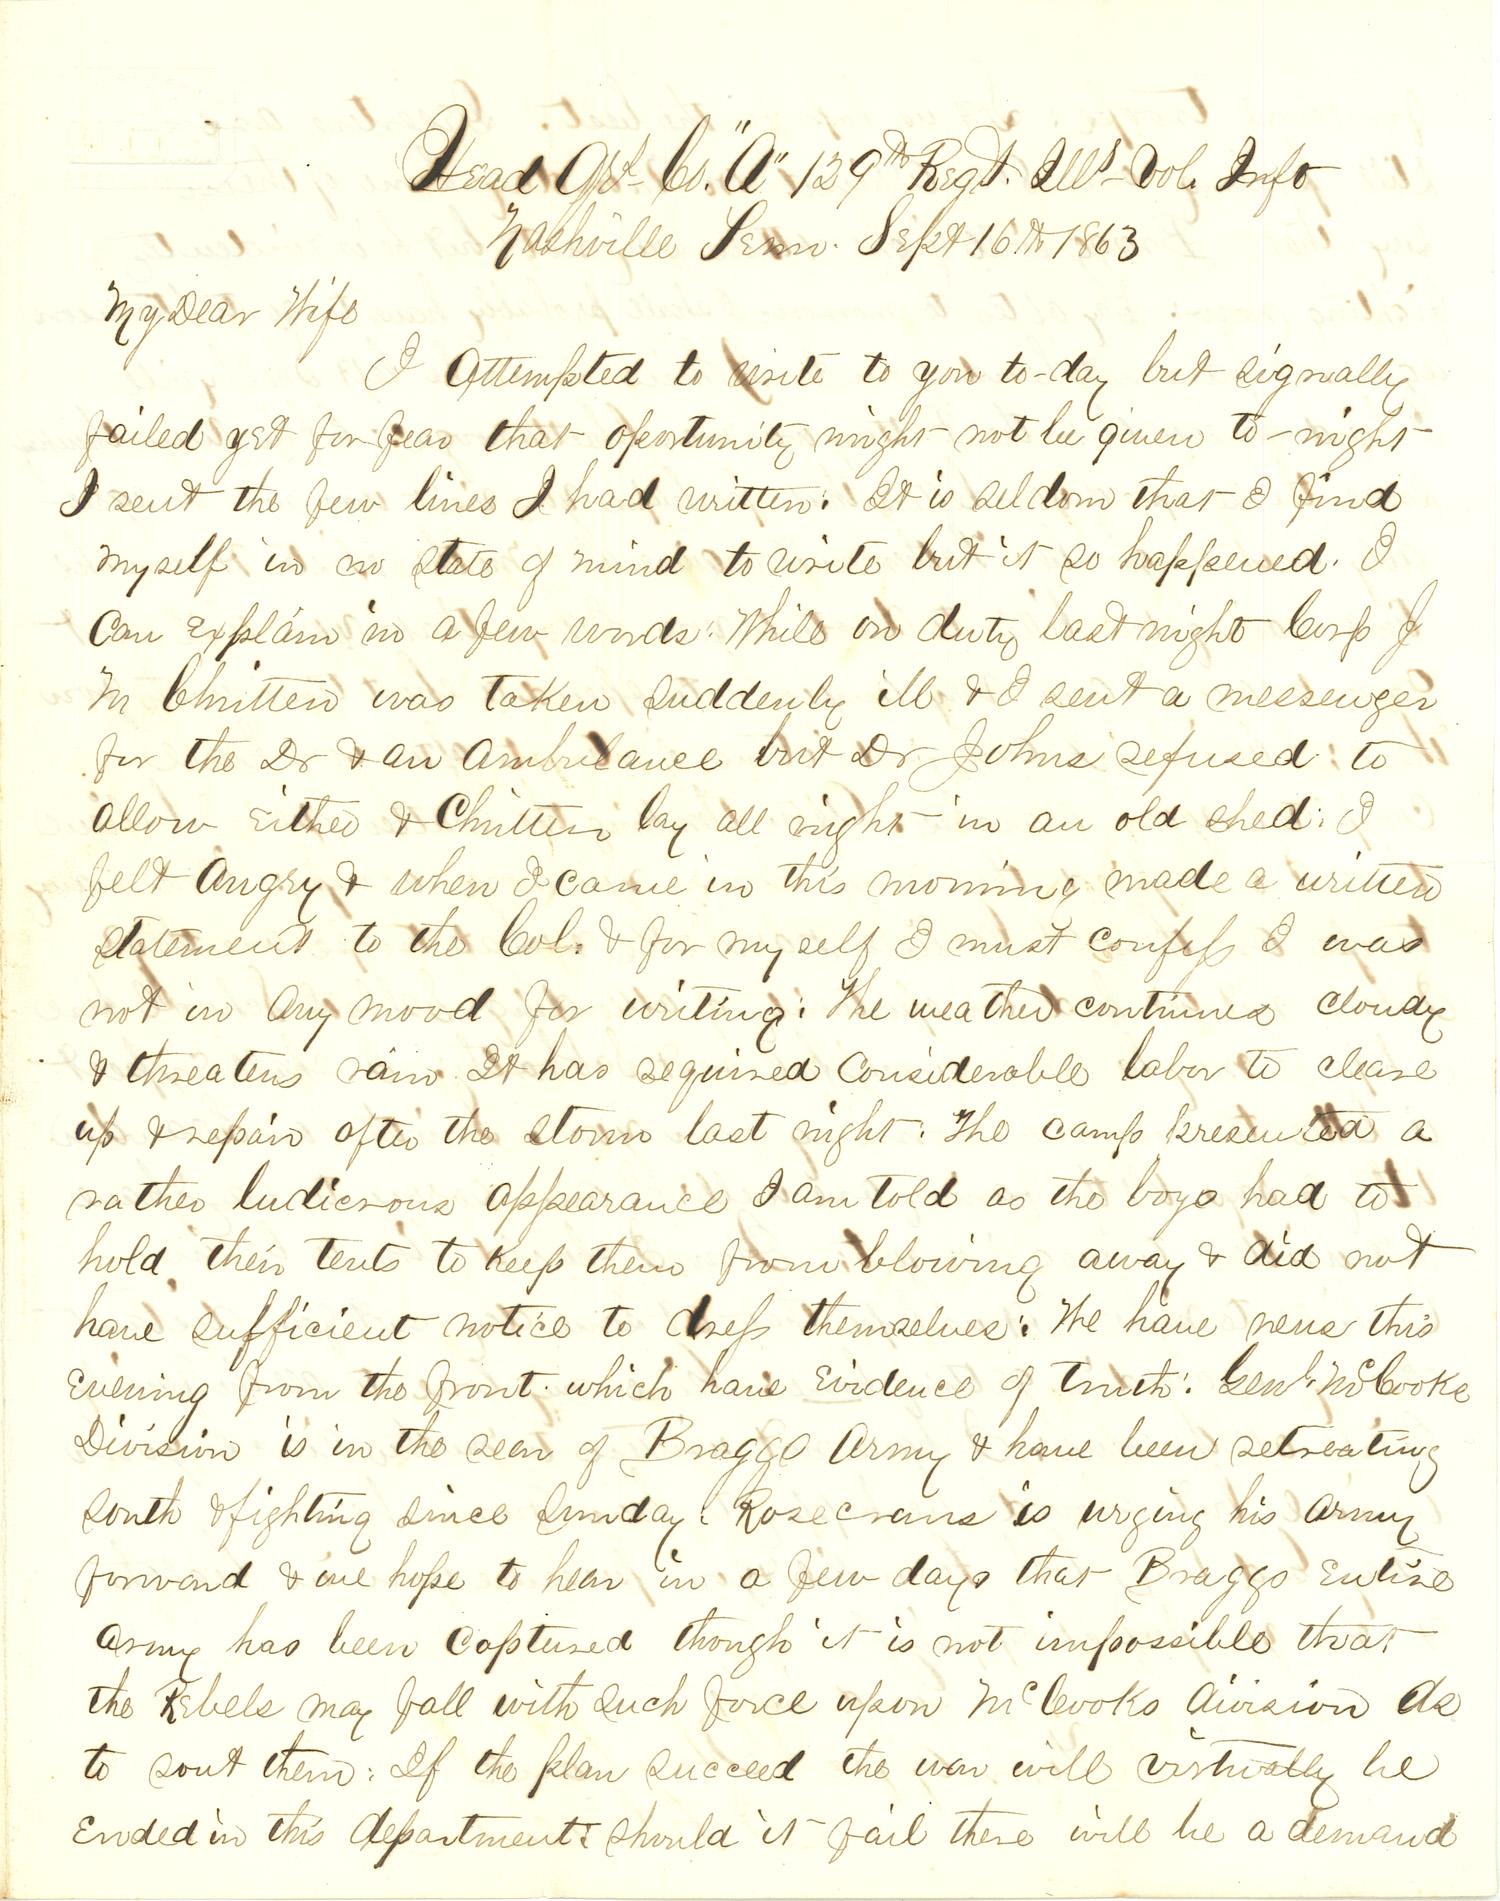 Joseph Culver Letter, September 16, 1863, Letter 2, Page 1